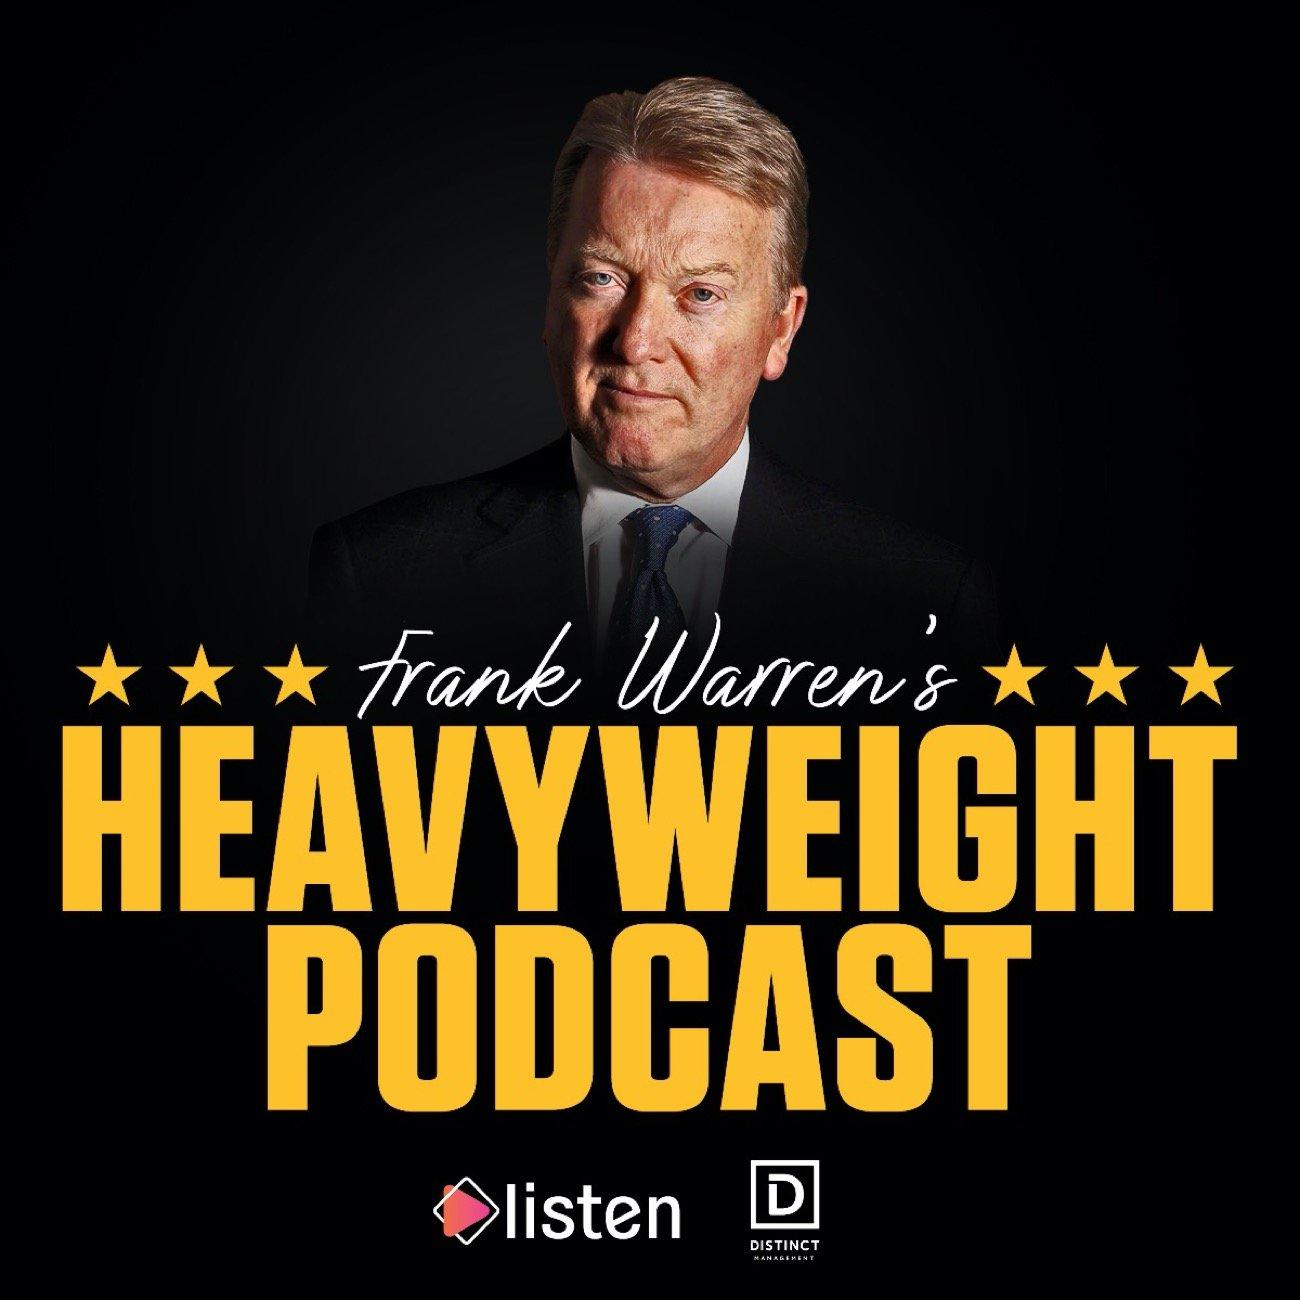 Frank Warren - Frank Warren